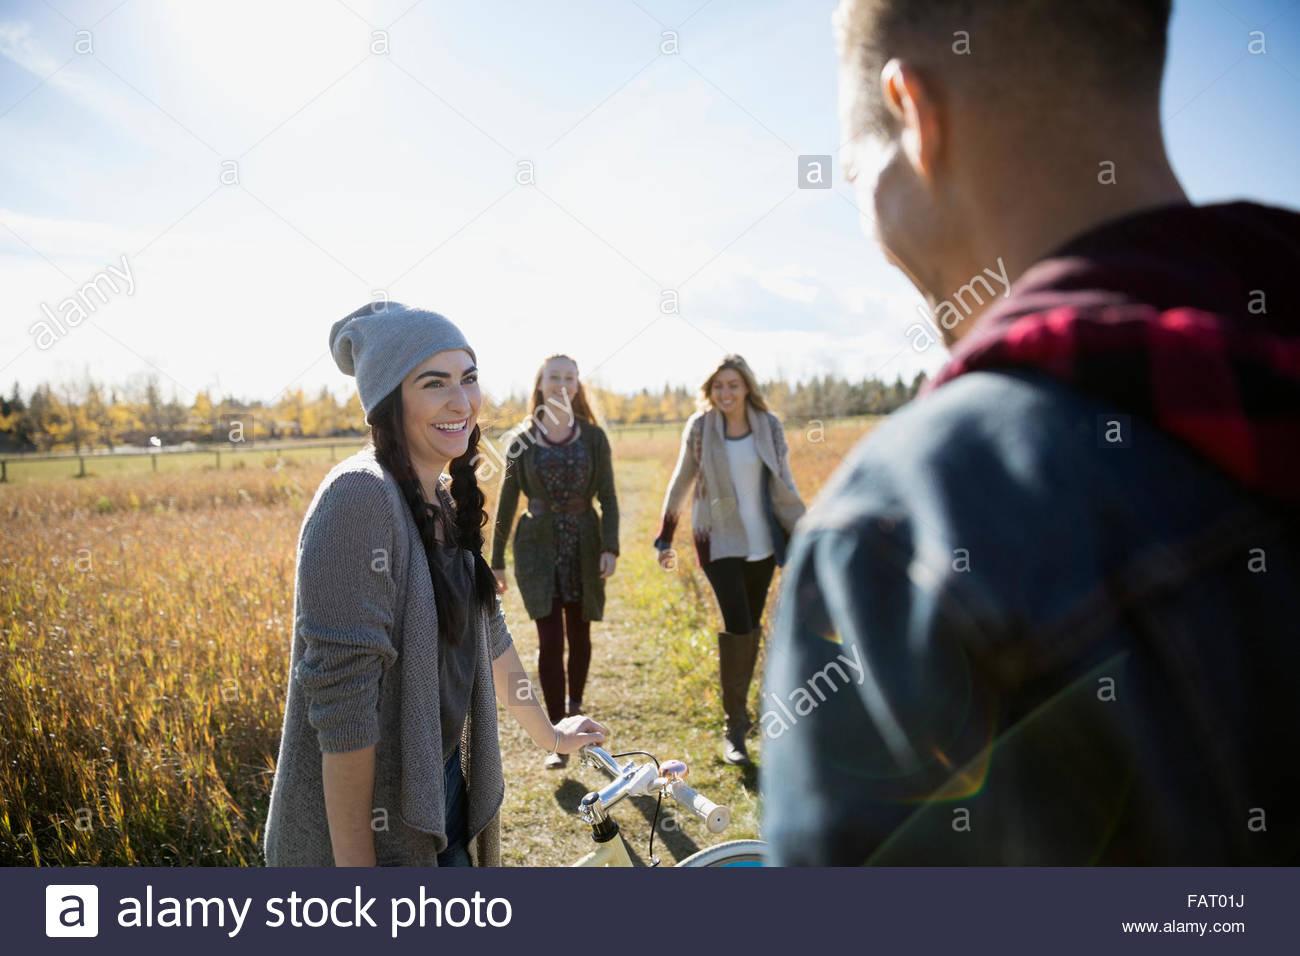 Andar en bicicleta con amigos soleado campo de otoño Imagen De Stock